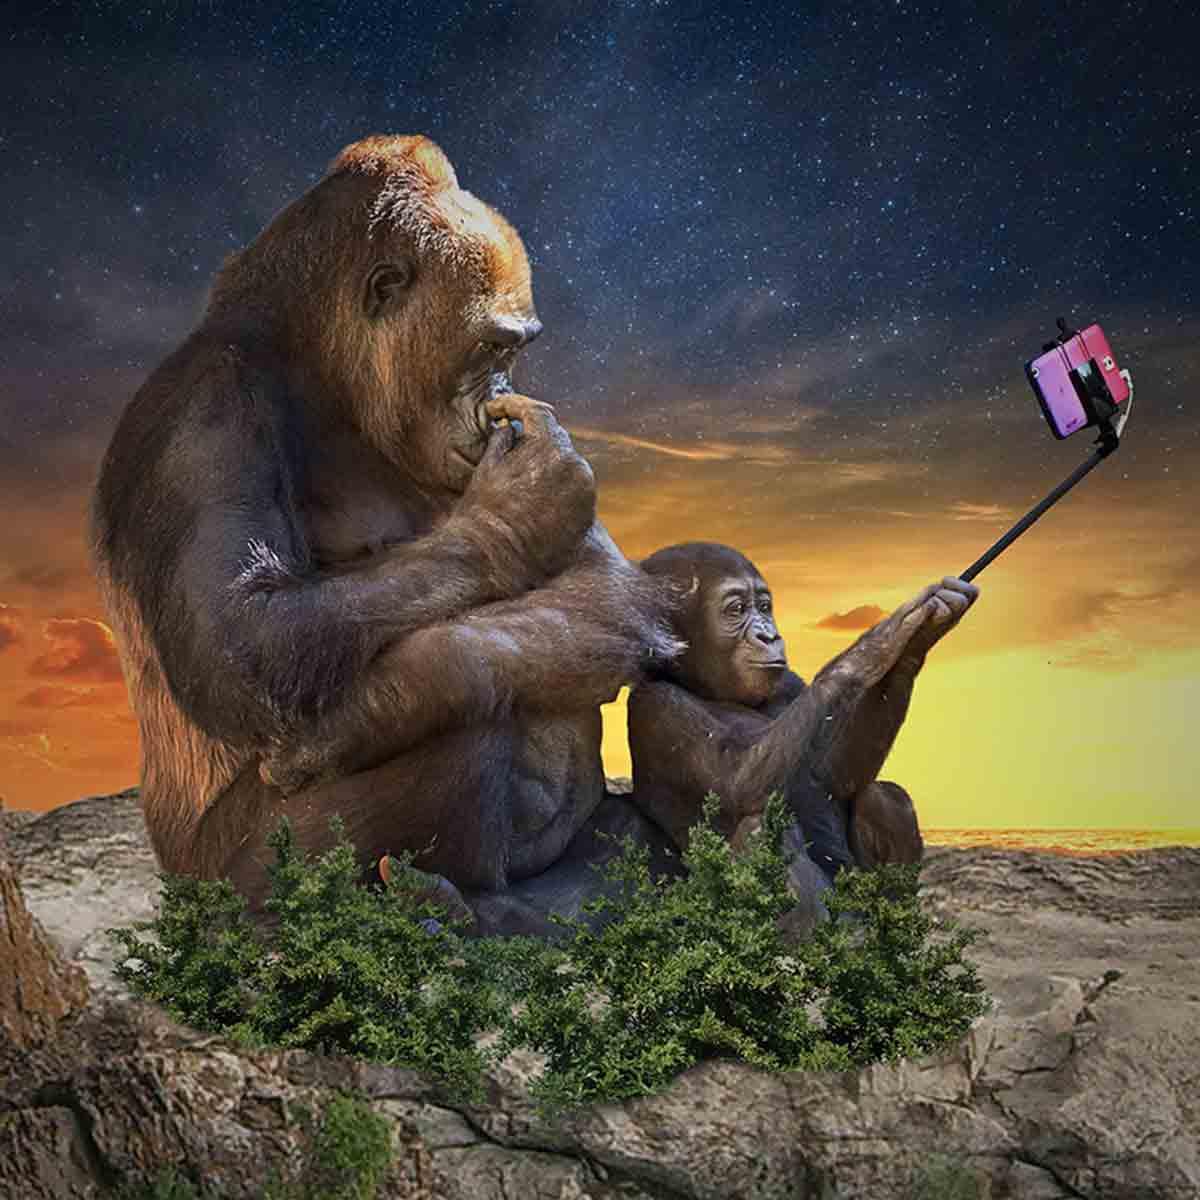 Comprar palo selfie, ¿Cual es el mejor?